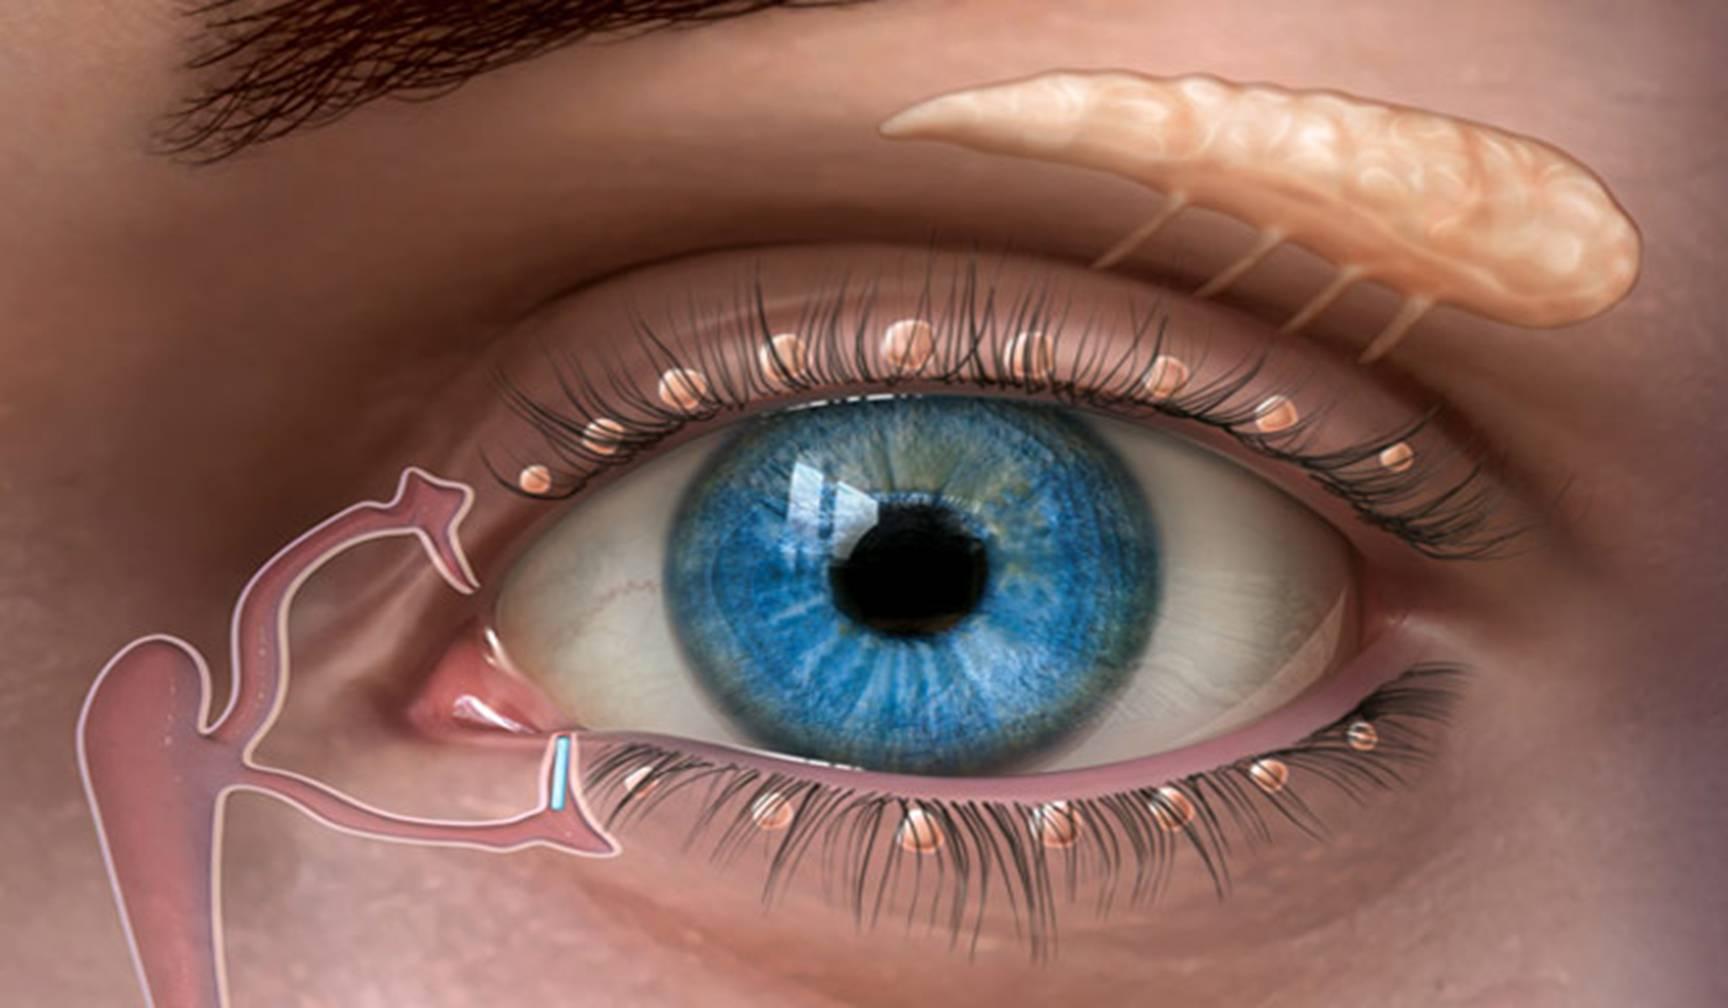 Пленка на глазу у человека - стадии развития птеригиума, причины проблемы,  другие внутренние причины